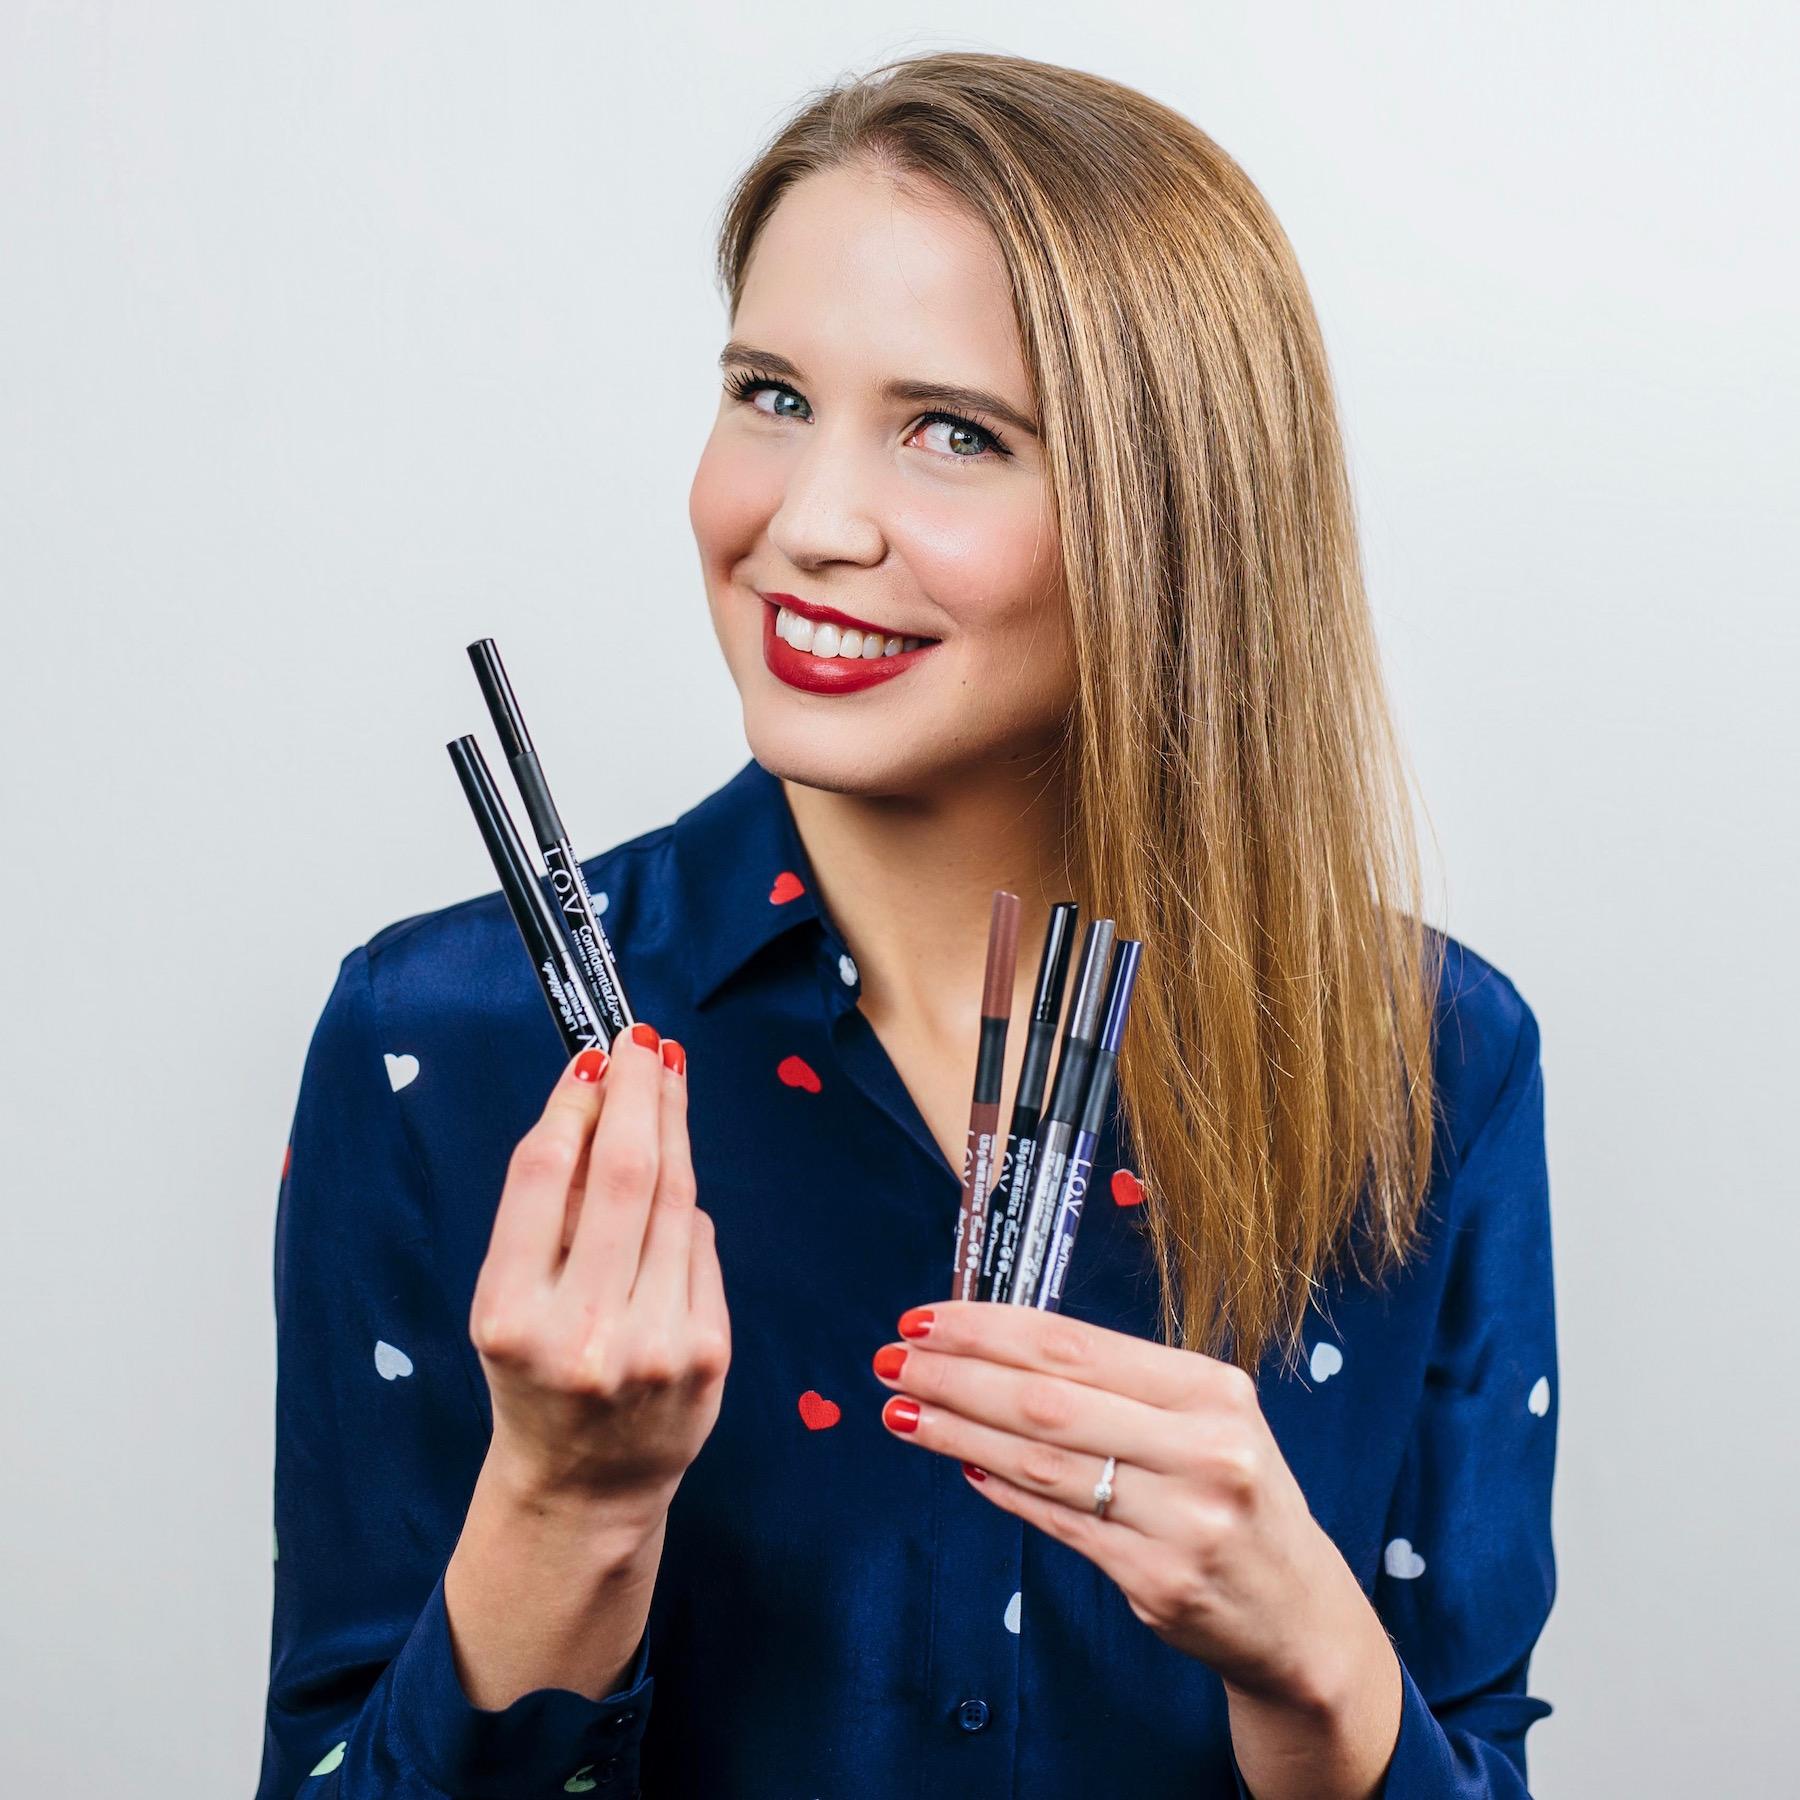 eyeliner Suelovesnyc_susan_fengler_sue_loves_nyc_eyeliner_wochen_Challenge_lov_cosmetics